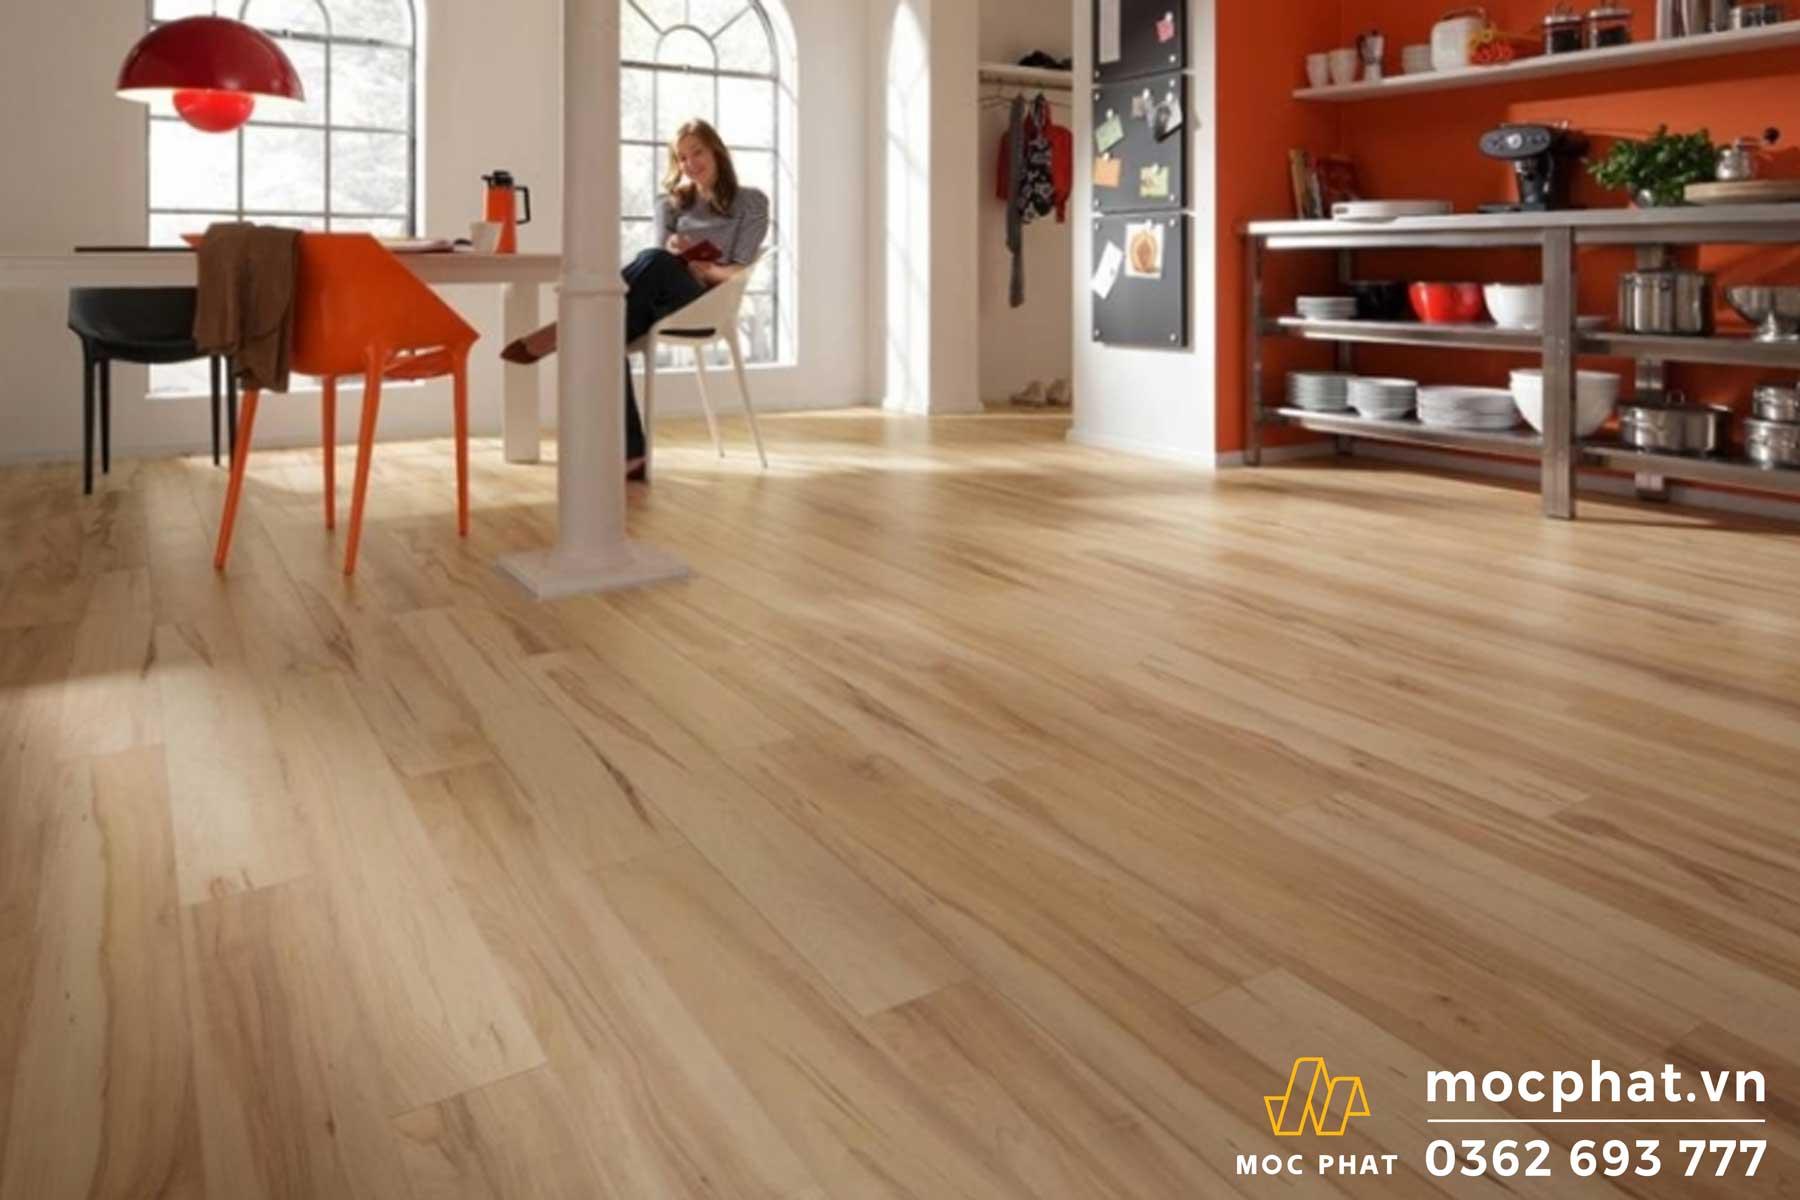 Sàn gỗ MDF phủ laminate đem lại sự sang trọng, hiện đại cho ngôi nhà